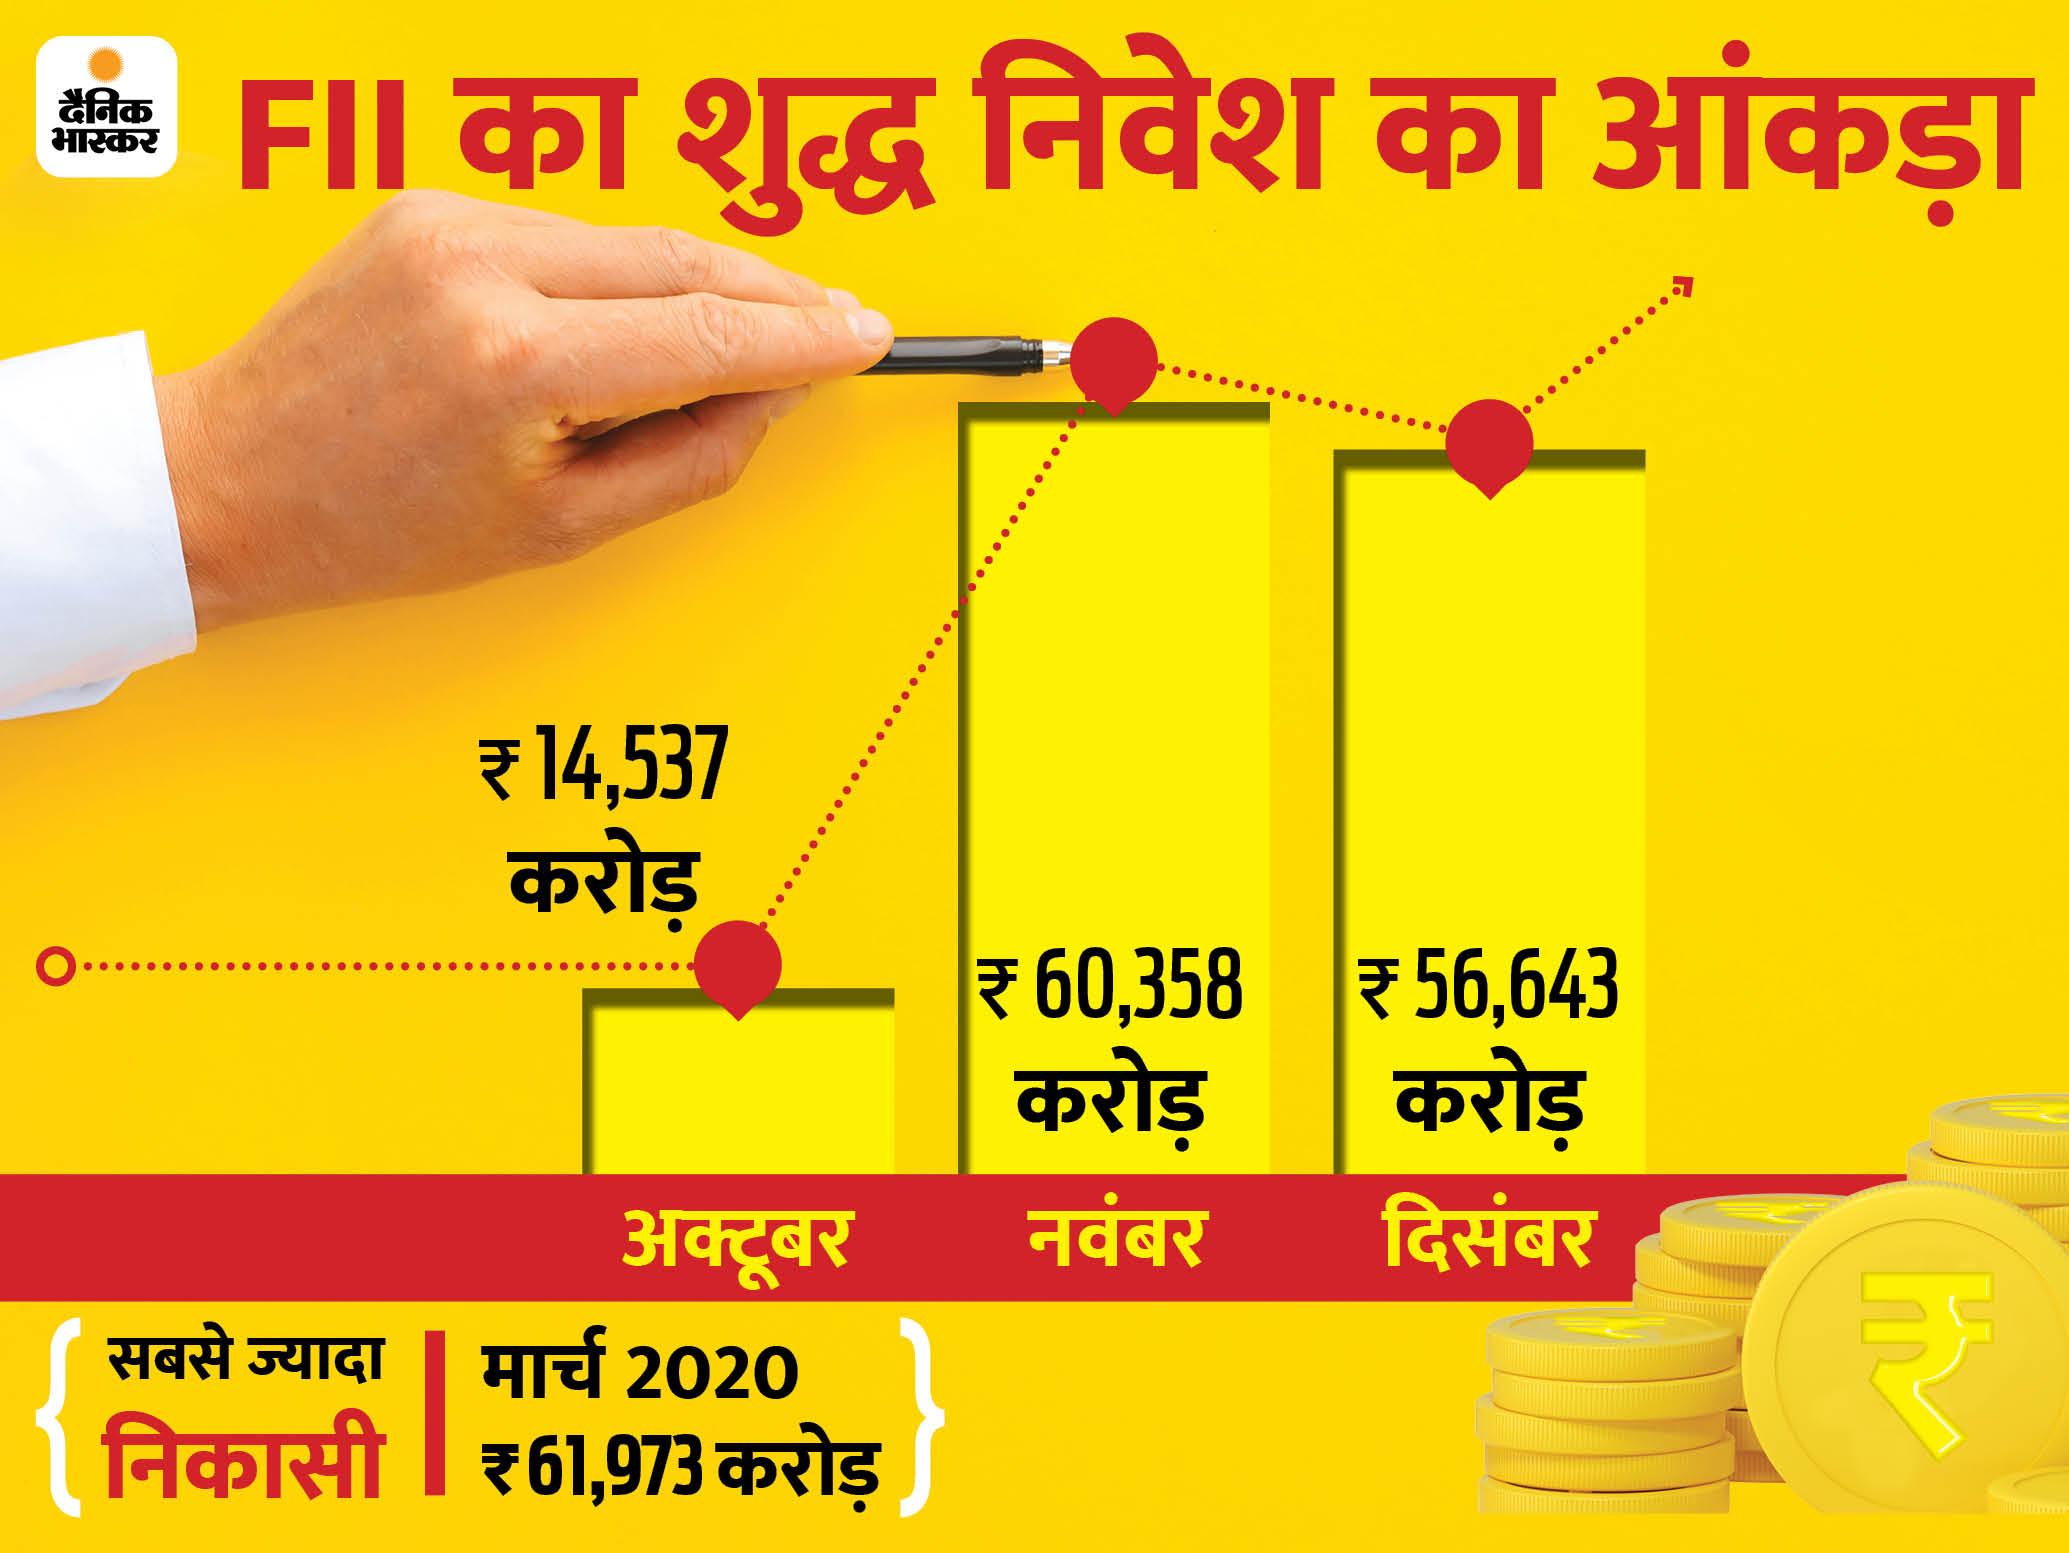 इस कैलेंडर साल में विदेशी निवेशकों ने 1.64 लाख करोड़ रुपए इक्विटी में निवेश किया|बिजनेस,Business - Dainik Bhaskar